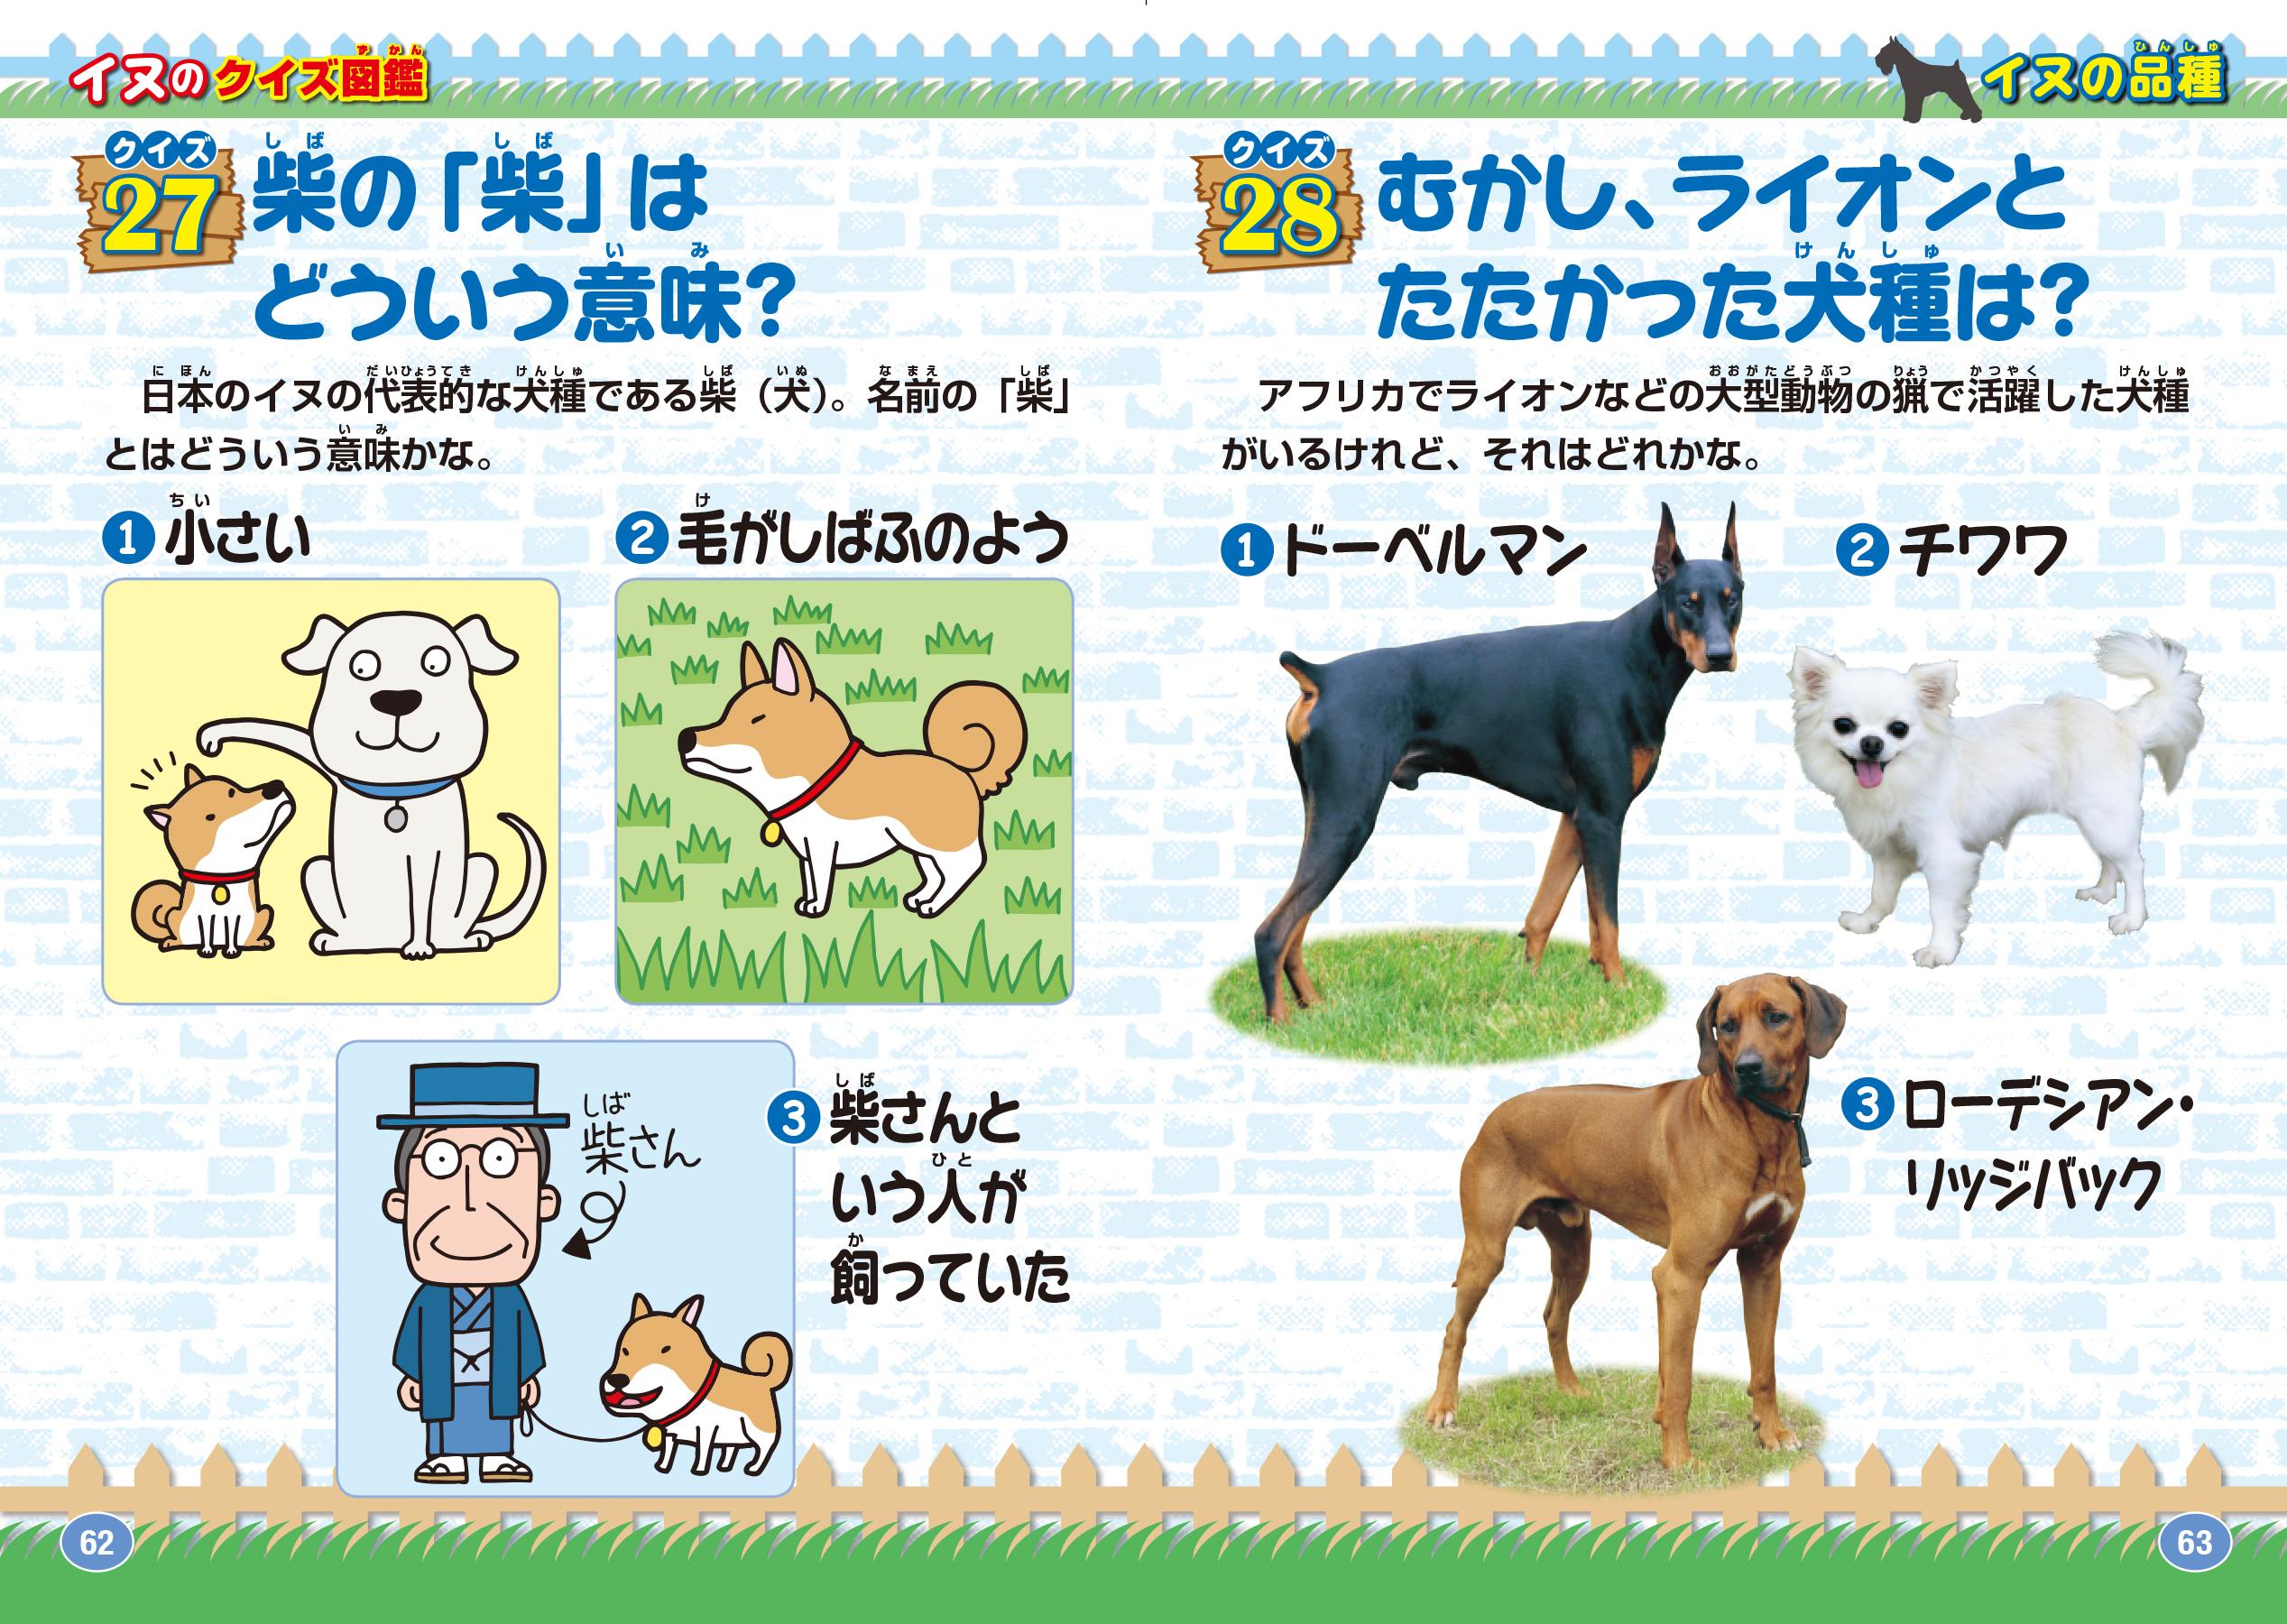 「イヌがもっと好きになる おもしろ雑学」紙面